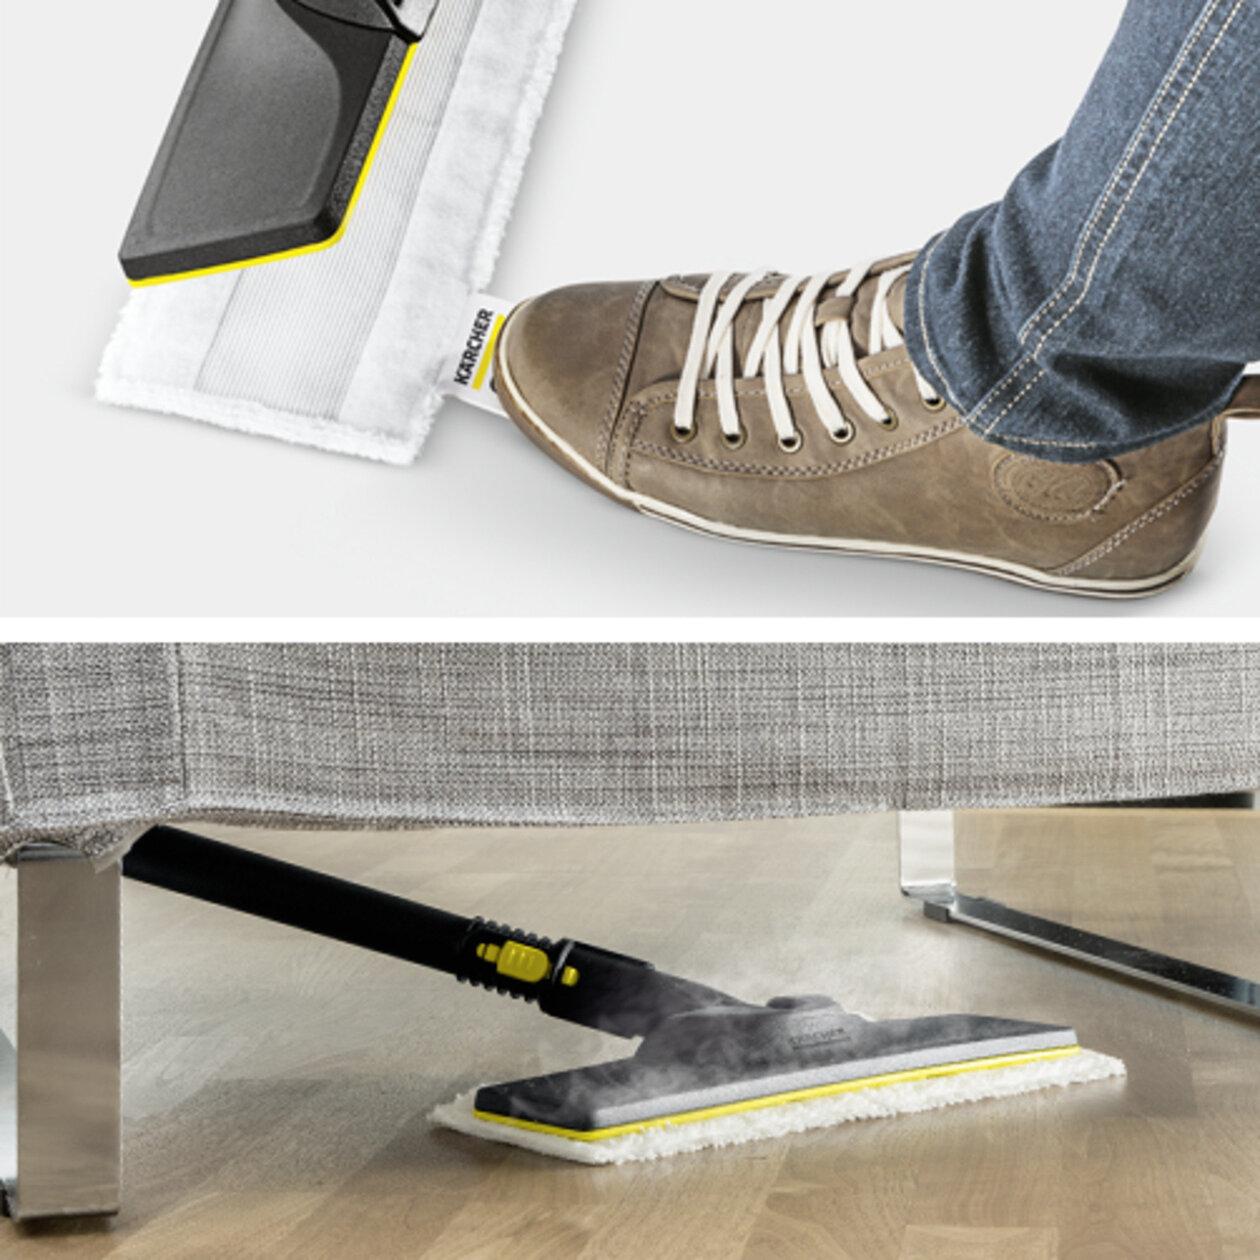 SC 4 Easyfix: Комплект за почистване на под EasyFix с гъвкав шарнир на подовата дюза и удобно закрепване с велкро на кърпата за под